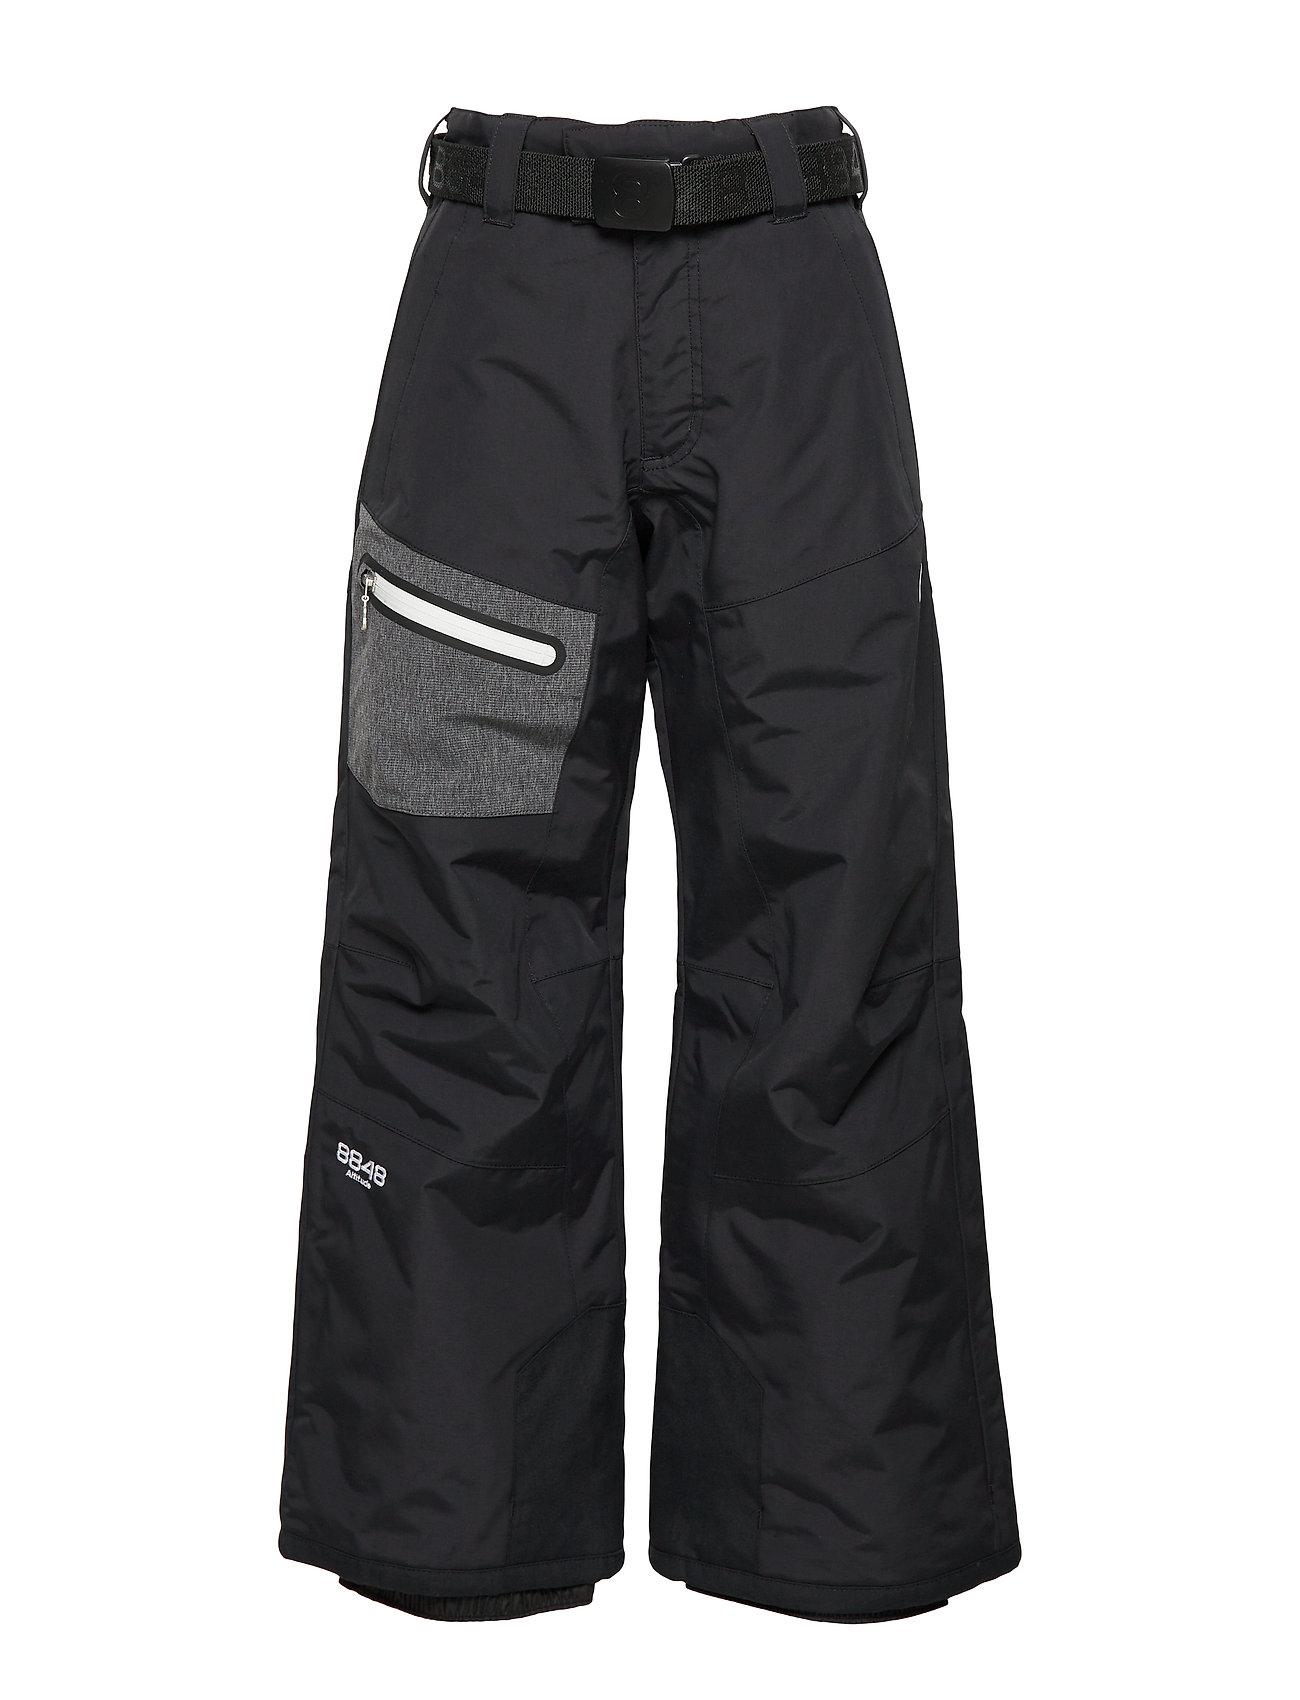 8848 Altitude Defender JR Pant - BLACK